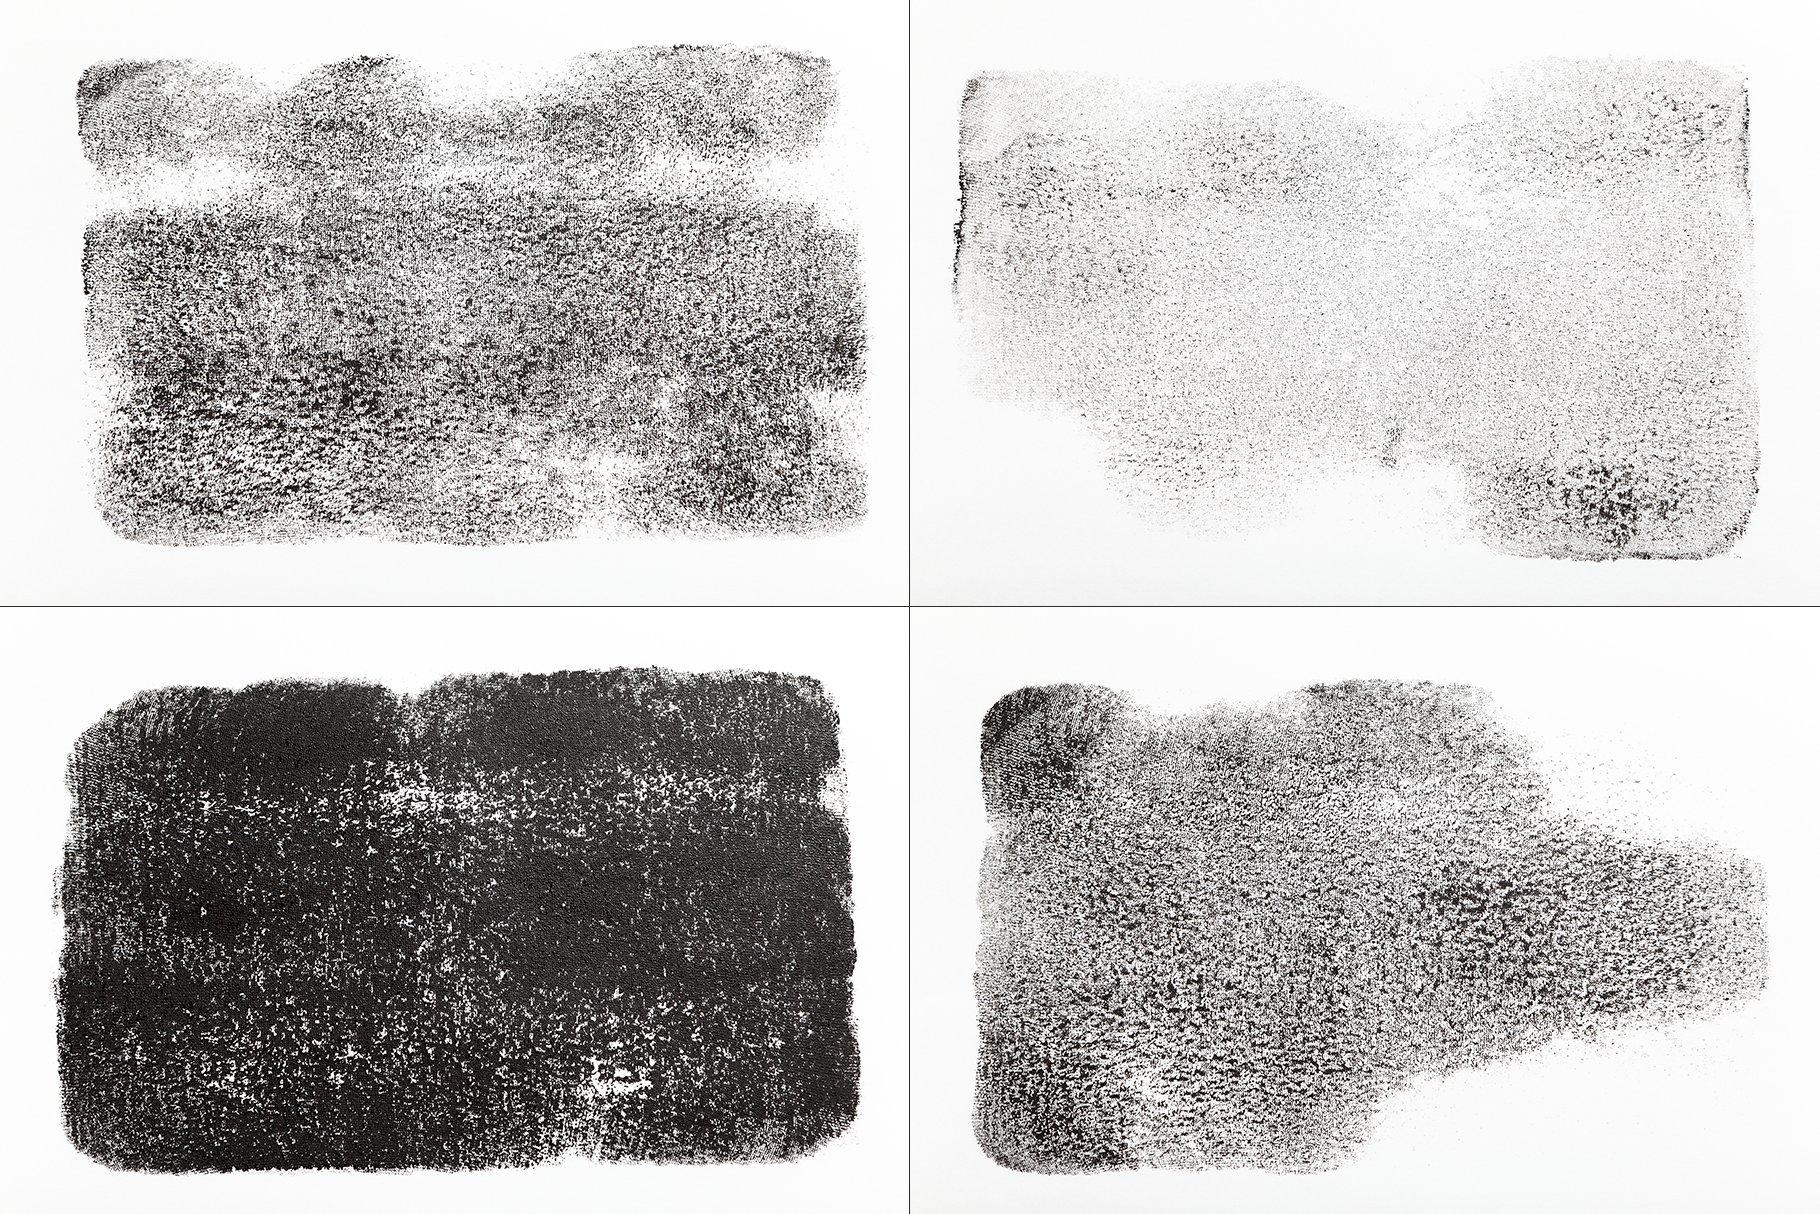 15款高清黑色织物压印效果背景PNG免抠图片素材 15 Black Fabric Imprint Textures插图(1)